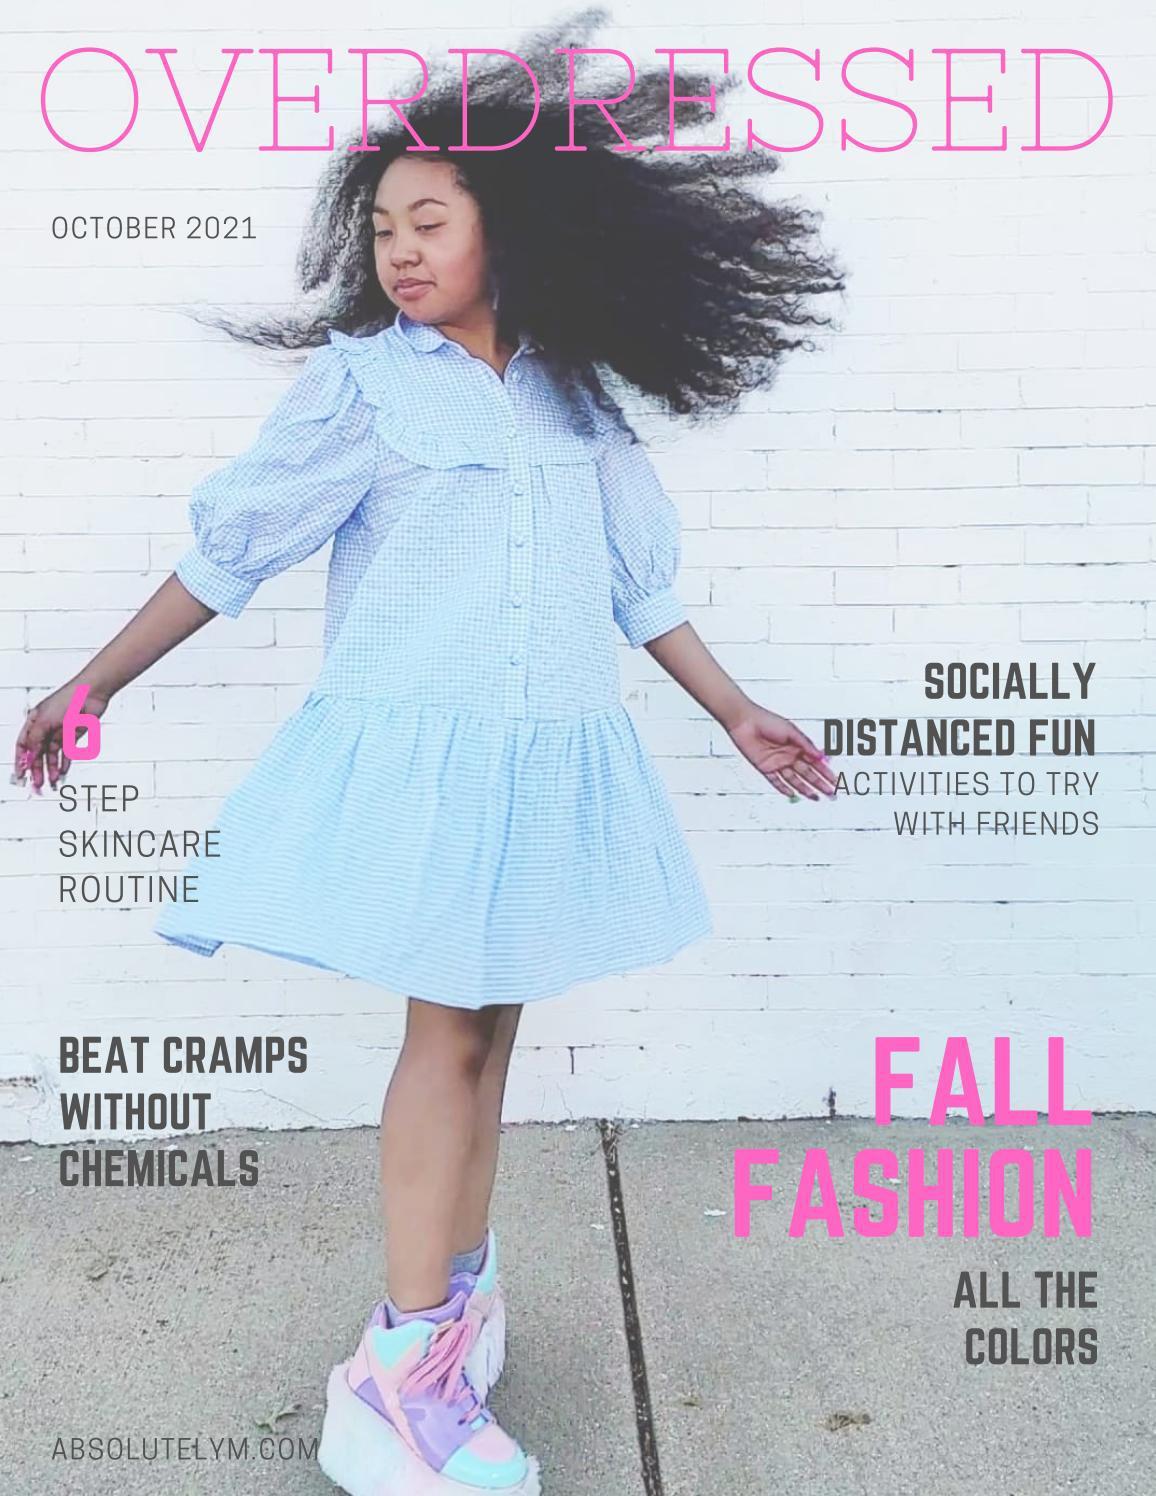 Overdressed Magazine